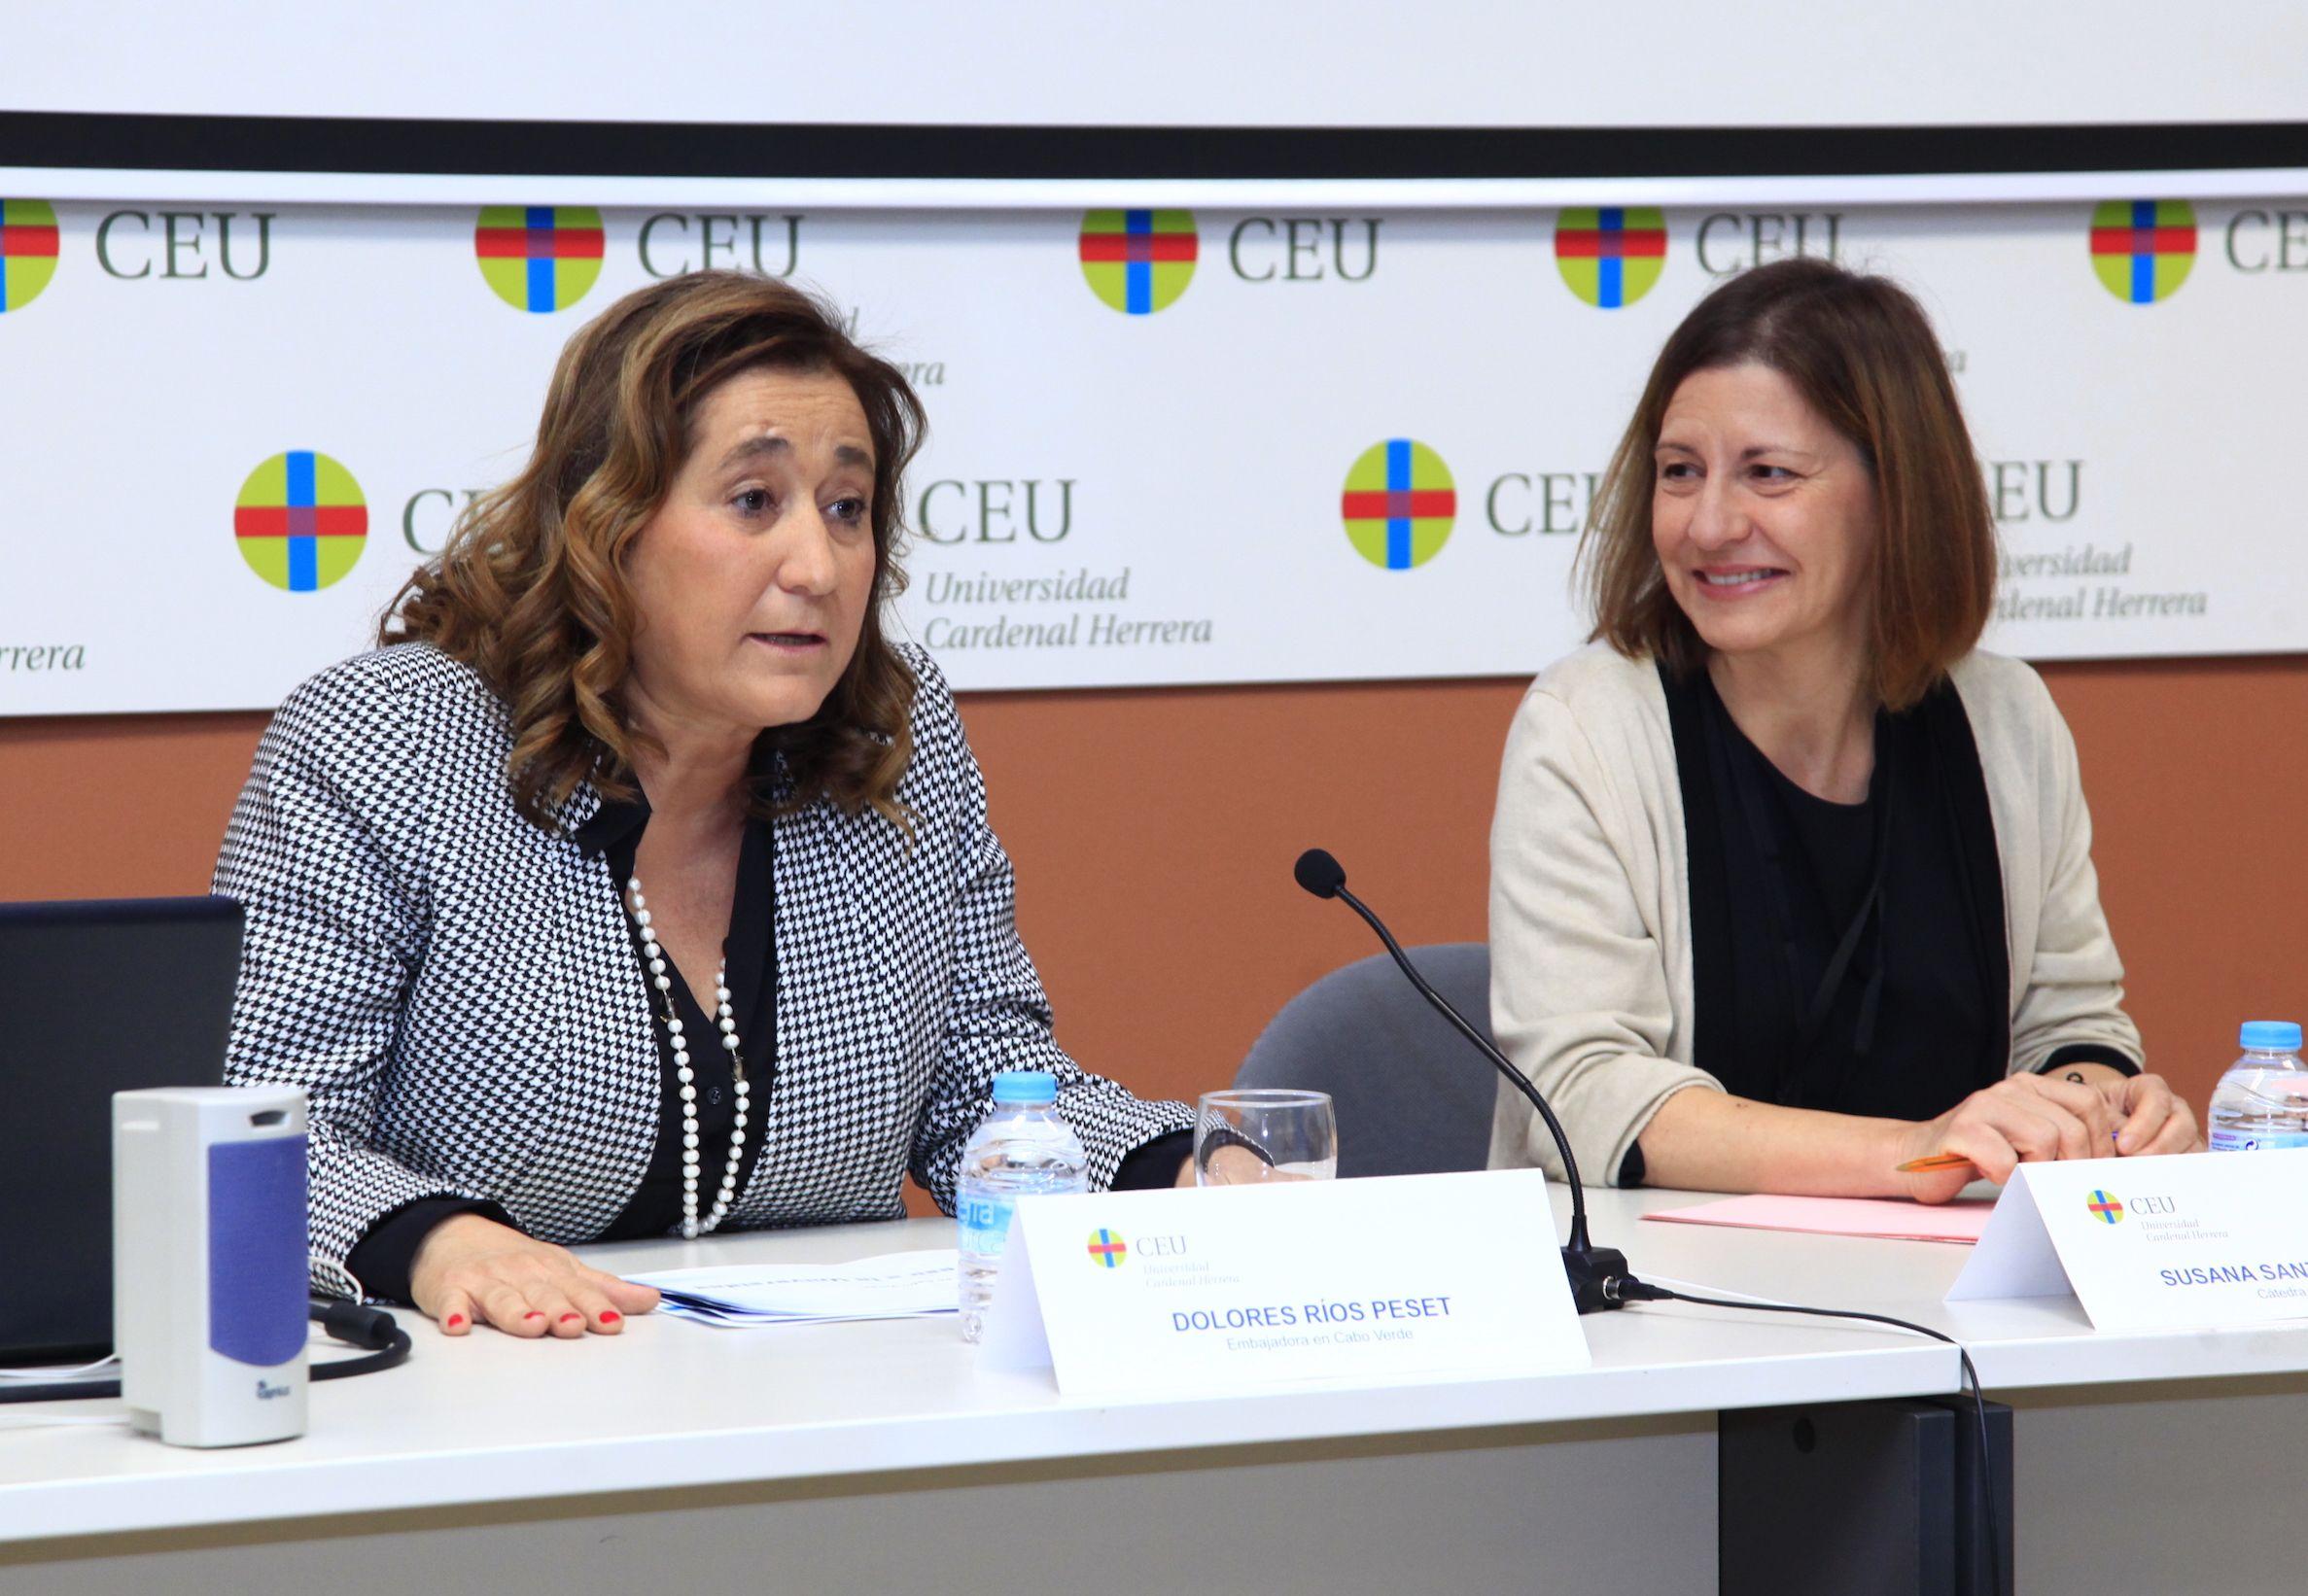 La embajadora Dolores Ríos, formada en Derecho en el CEU, y la catedrática Jean Monnet de la CEU UCH Susana Sanz.